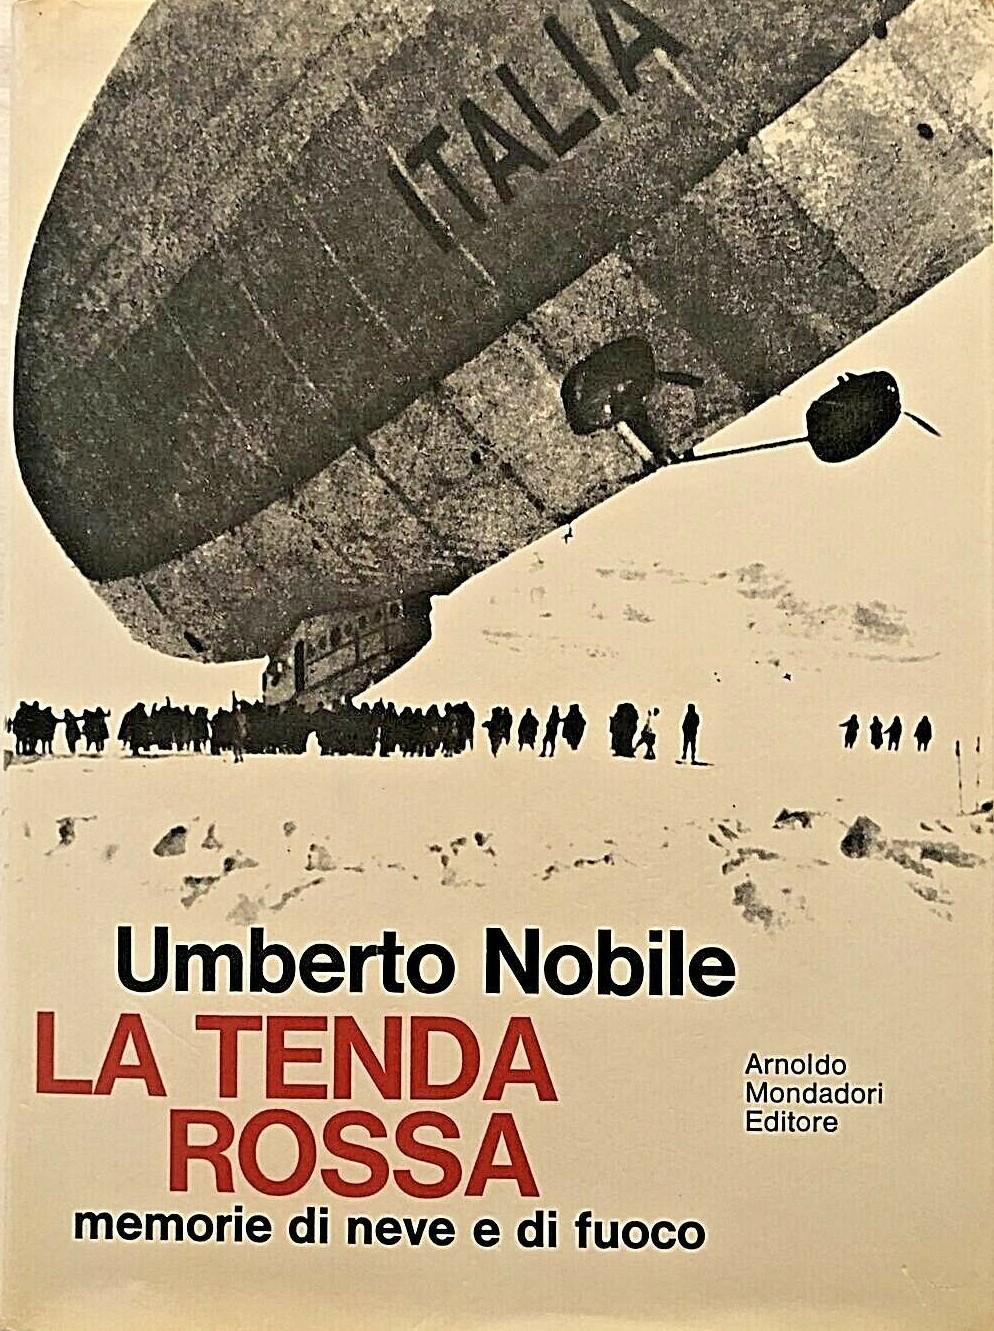 """""""La tenda rossa"""" di Umberto Nobile (1969): memorie di neve e di fuoco nell'epoca d'oro delle esplorazioni"""